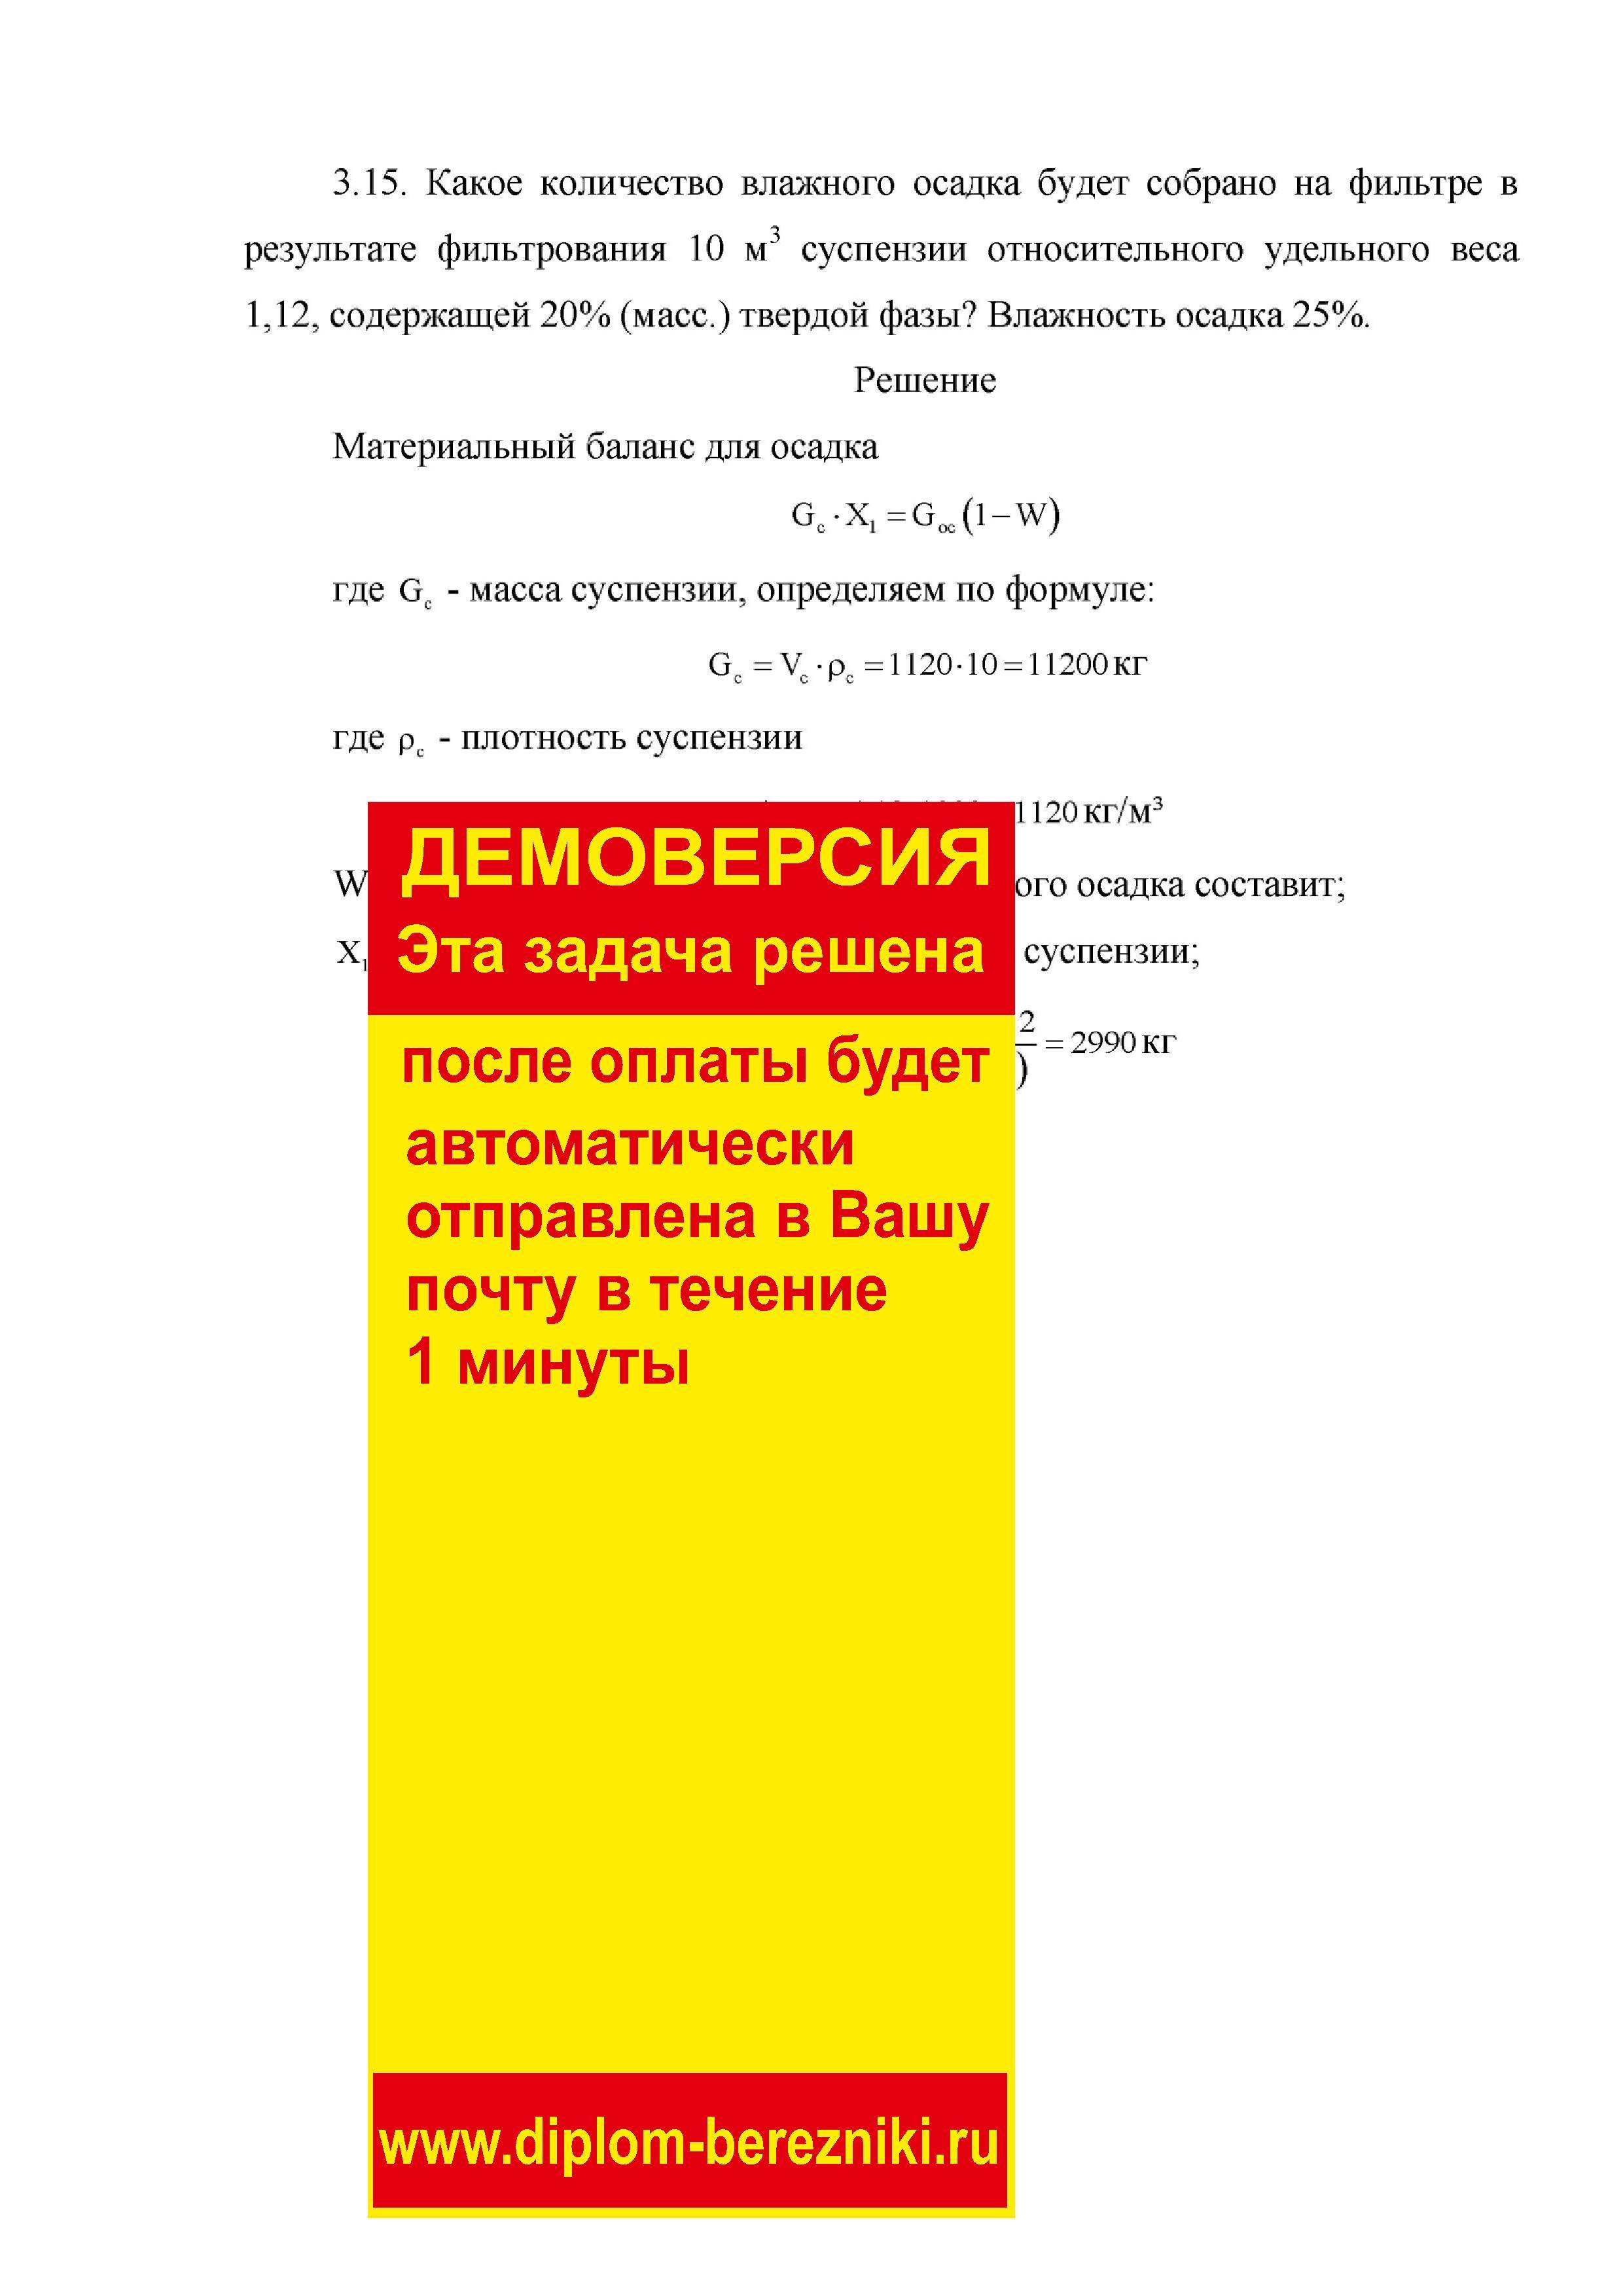 Решение задачи 3.15 по ПАХТ из задачника Павлова Романкова Носкова